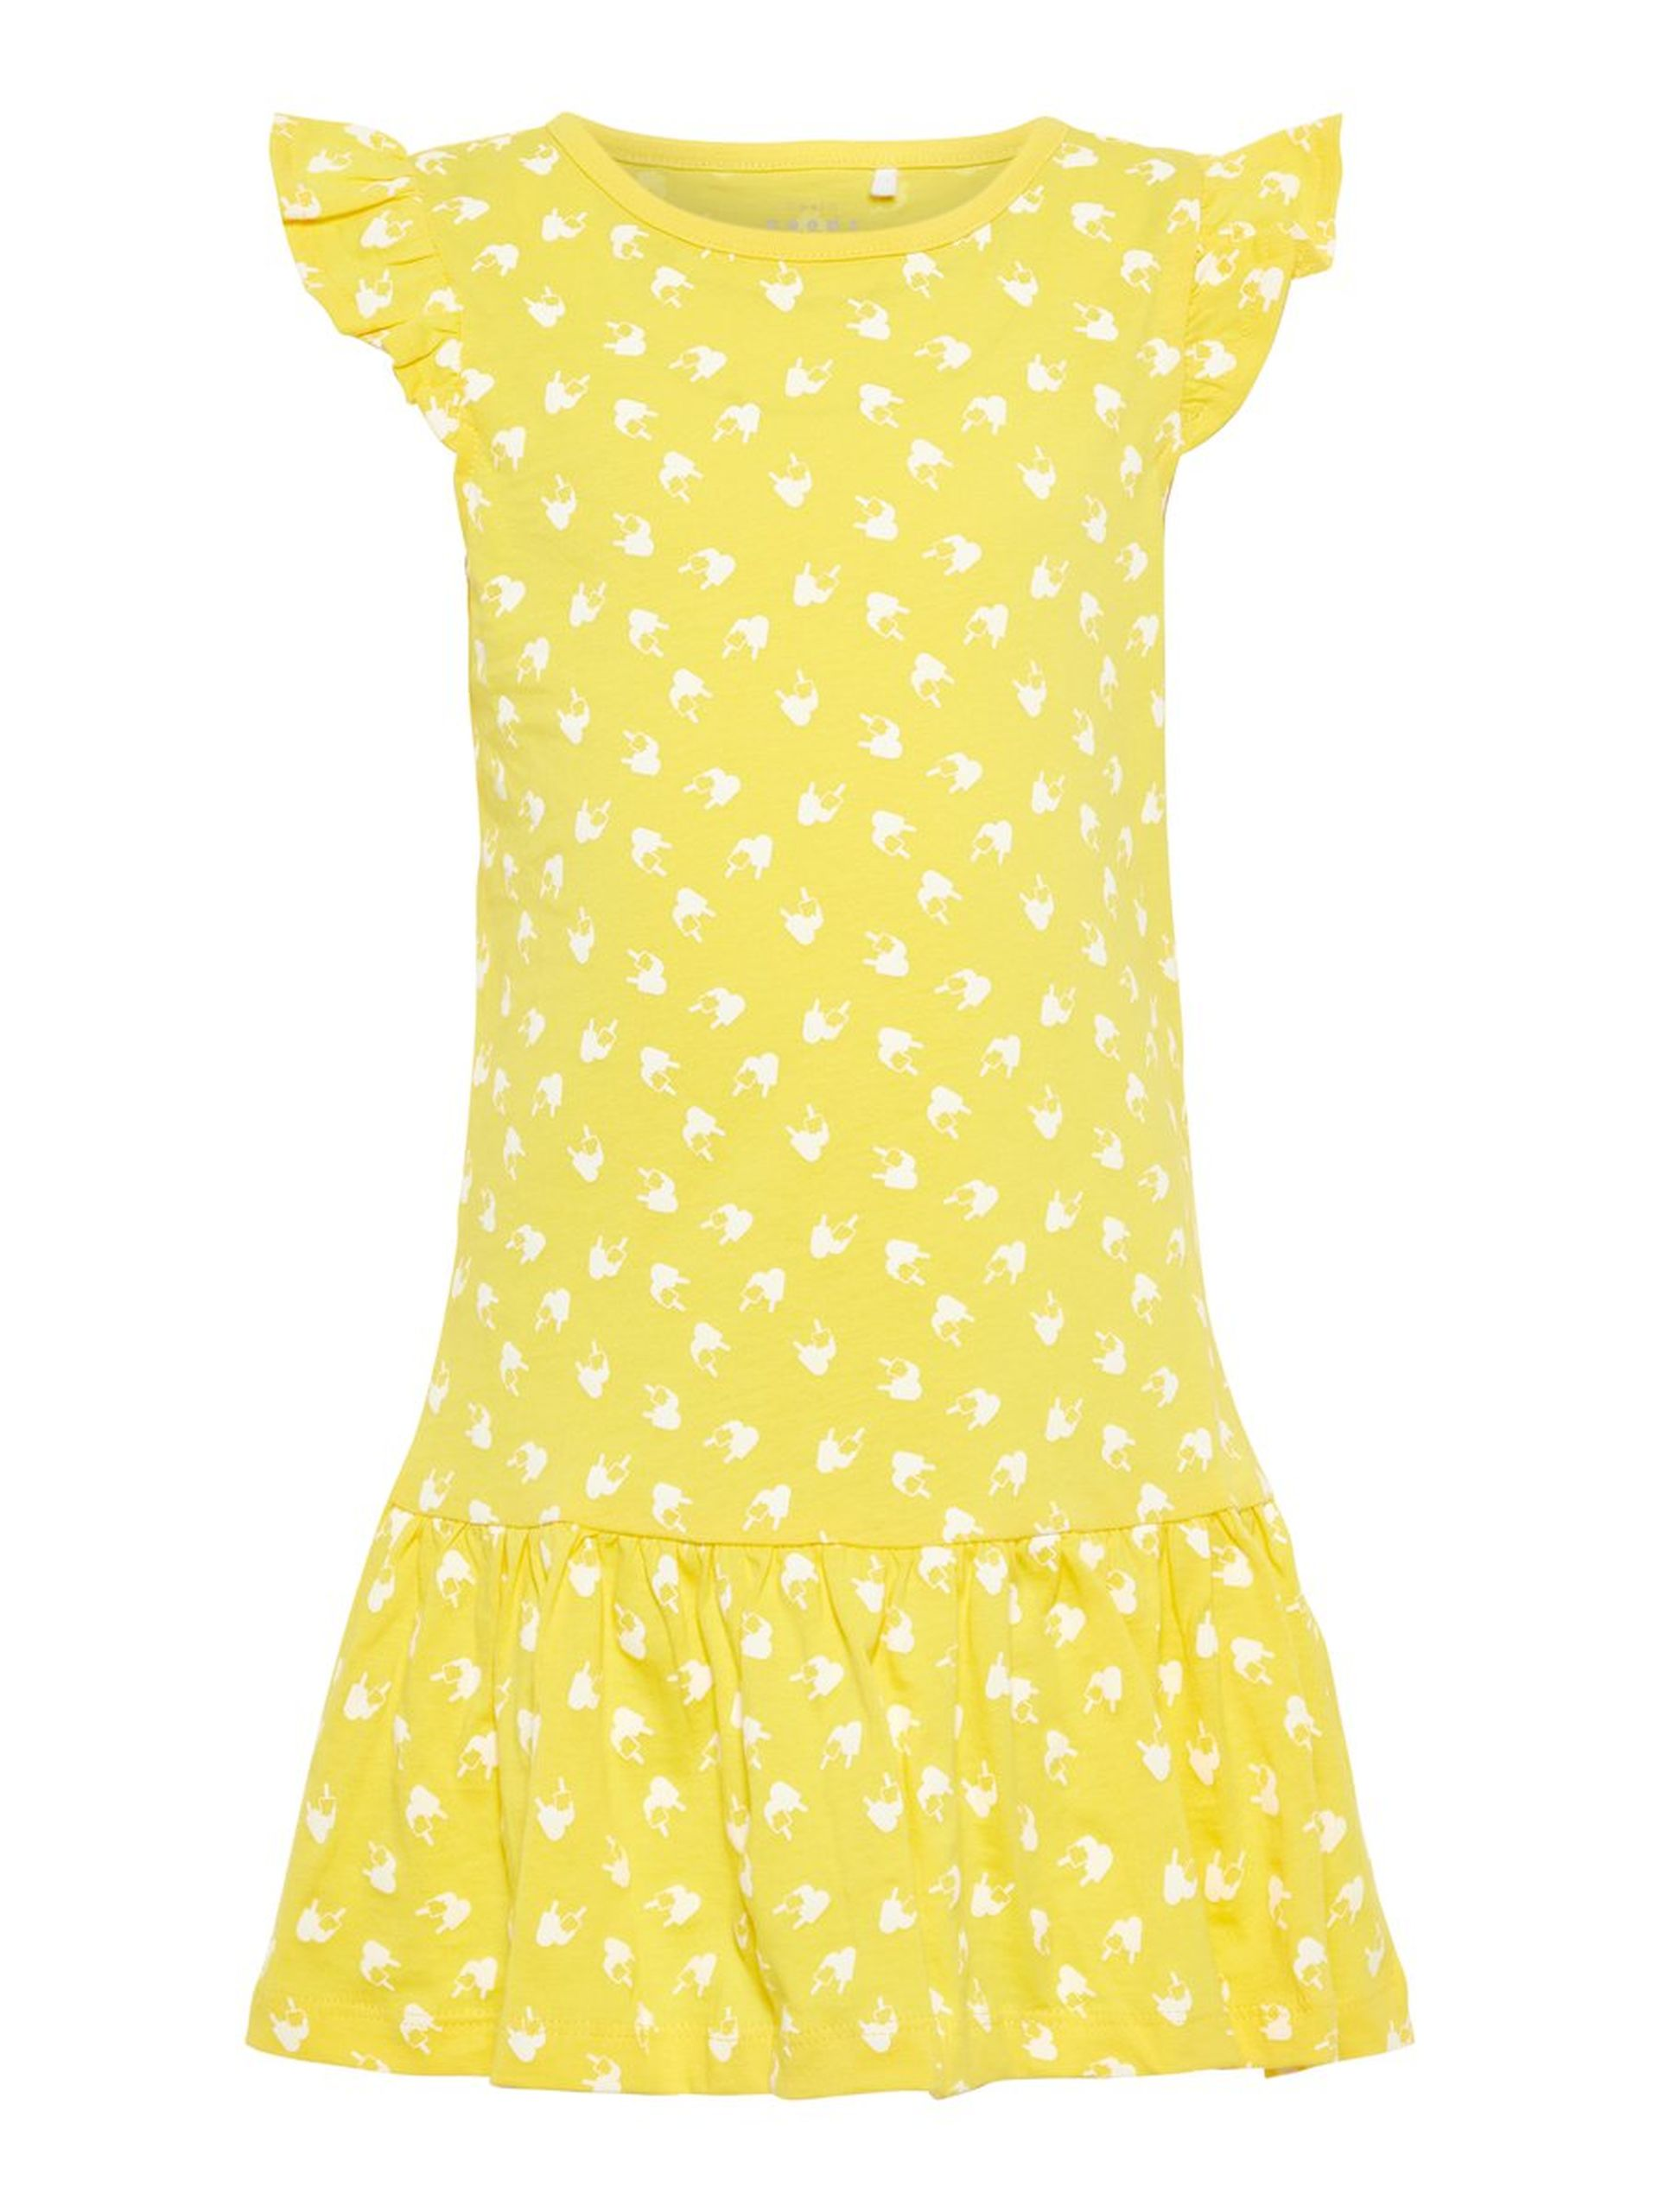 22390d7fe139 Name It gul kjole – Name It gul sommerkjole – Mio Trend